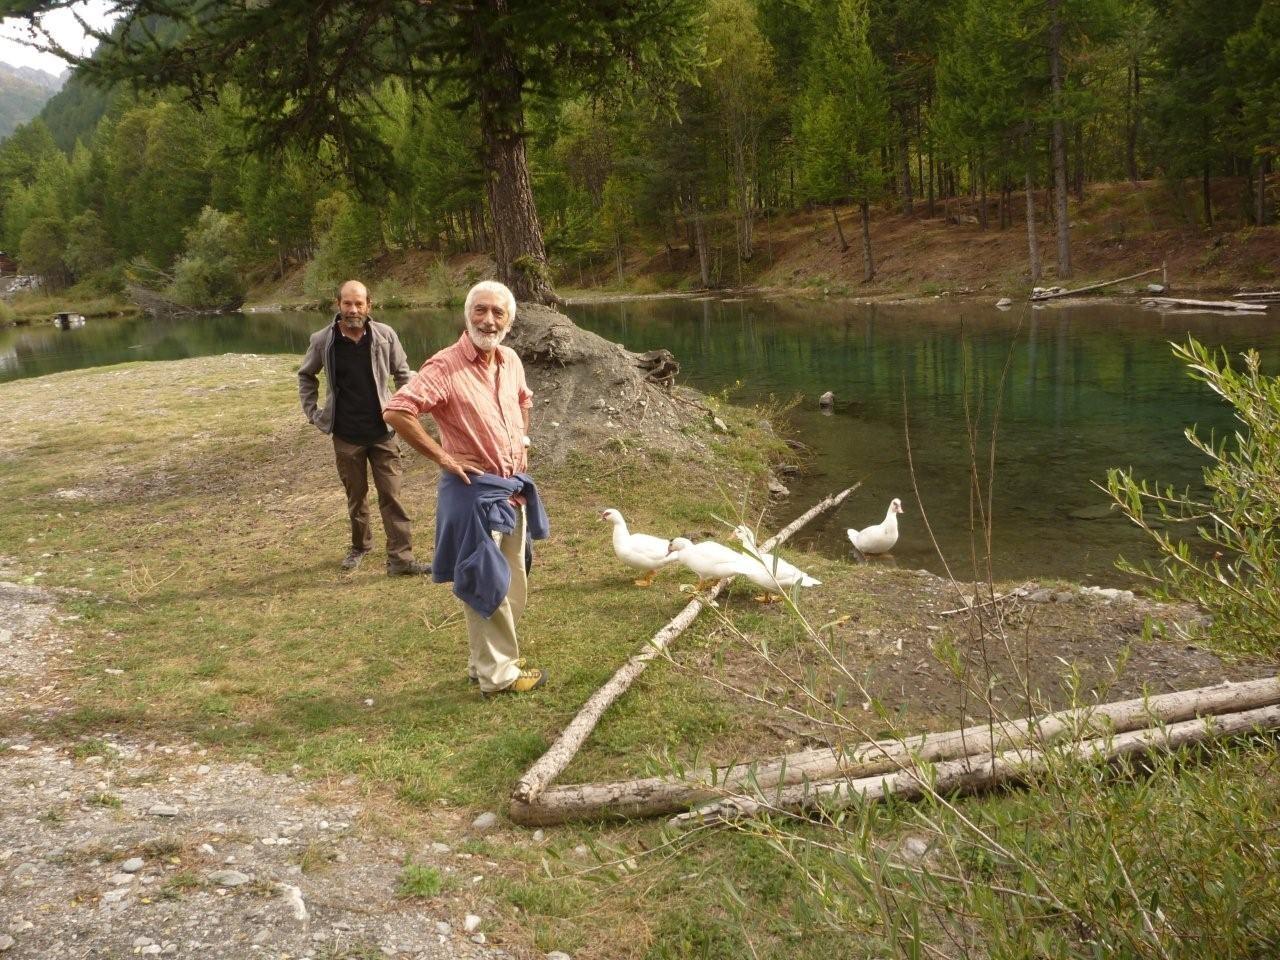 Un canard blanc au bord d'un étang, ce n'est pas toujours un . . . signe